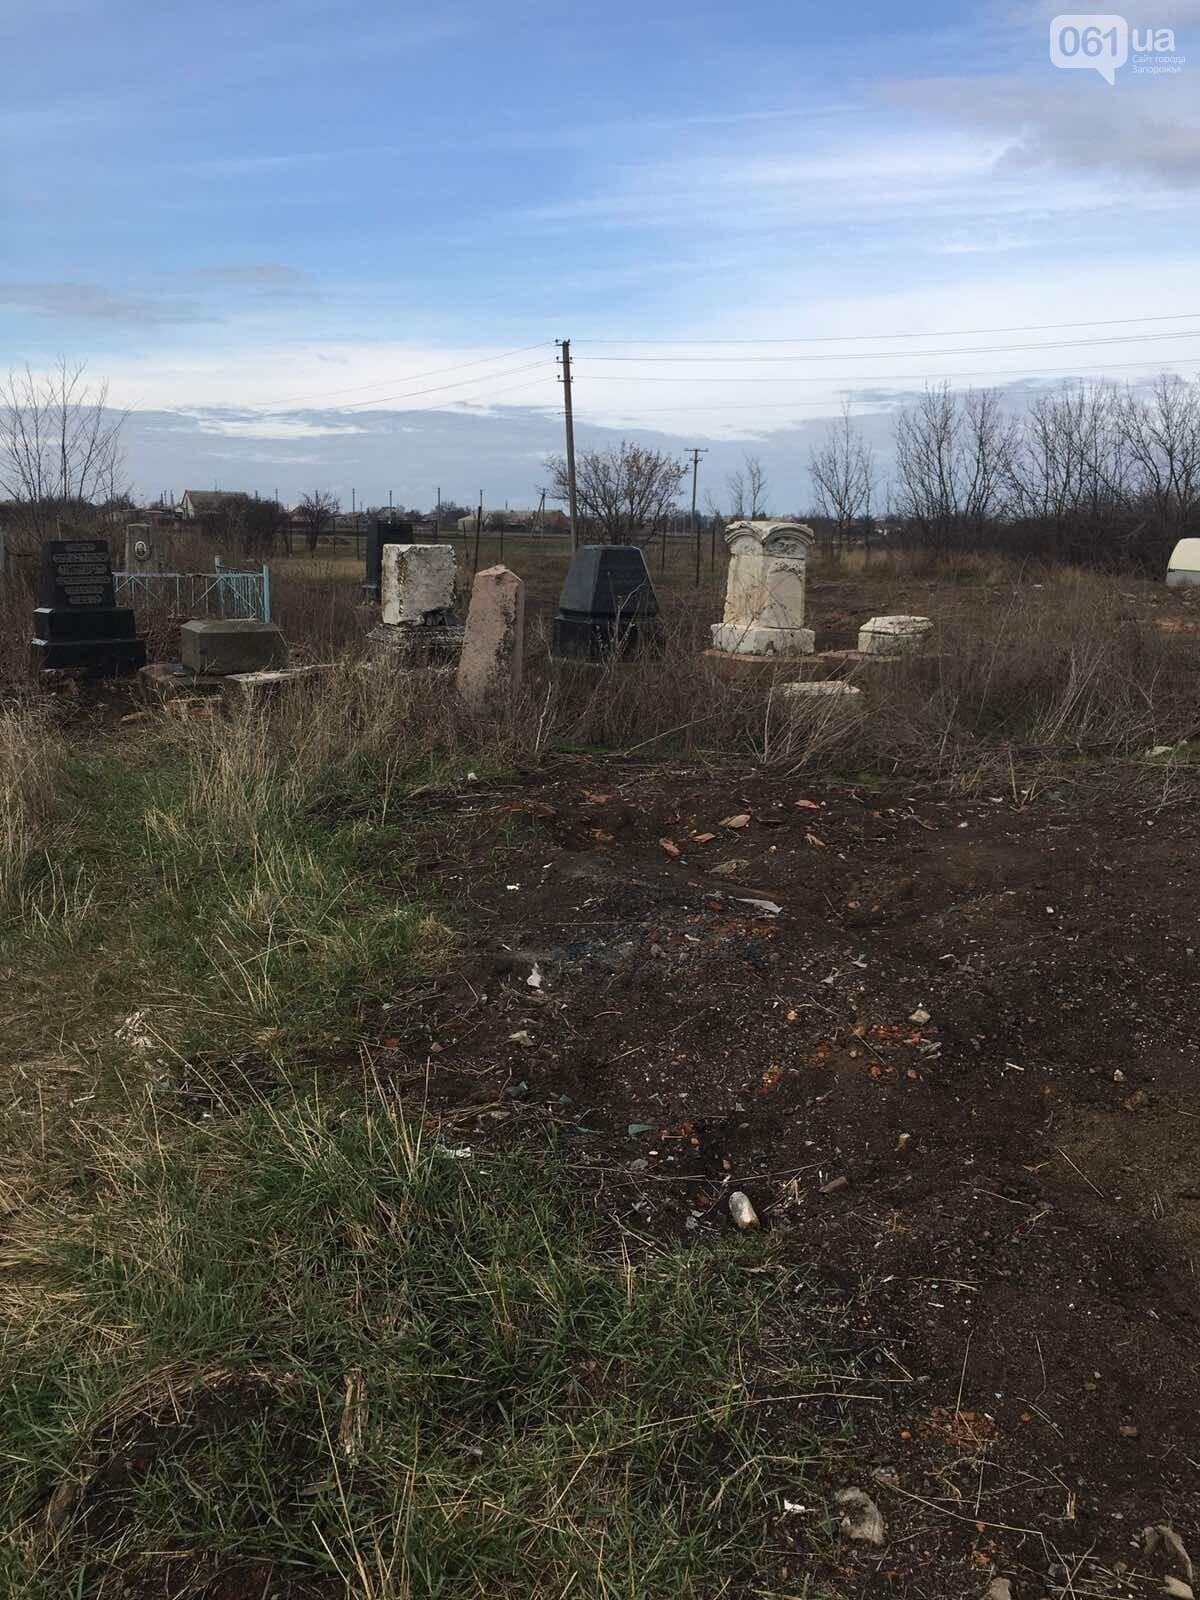 Урожай на костях: в Гуляйполе фермер распахал еврейское кладбище, - ФОТО, фото-6